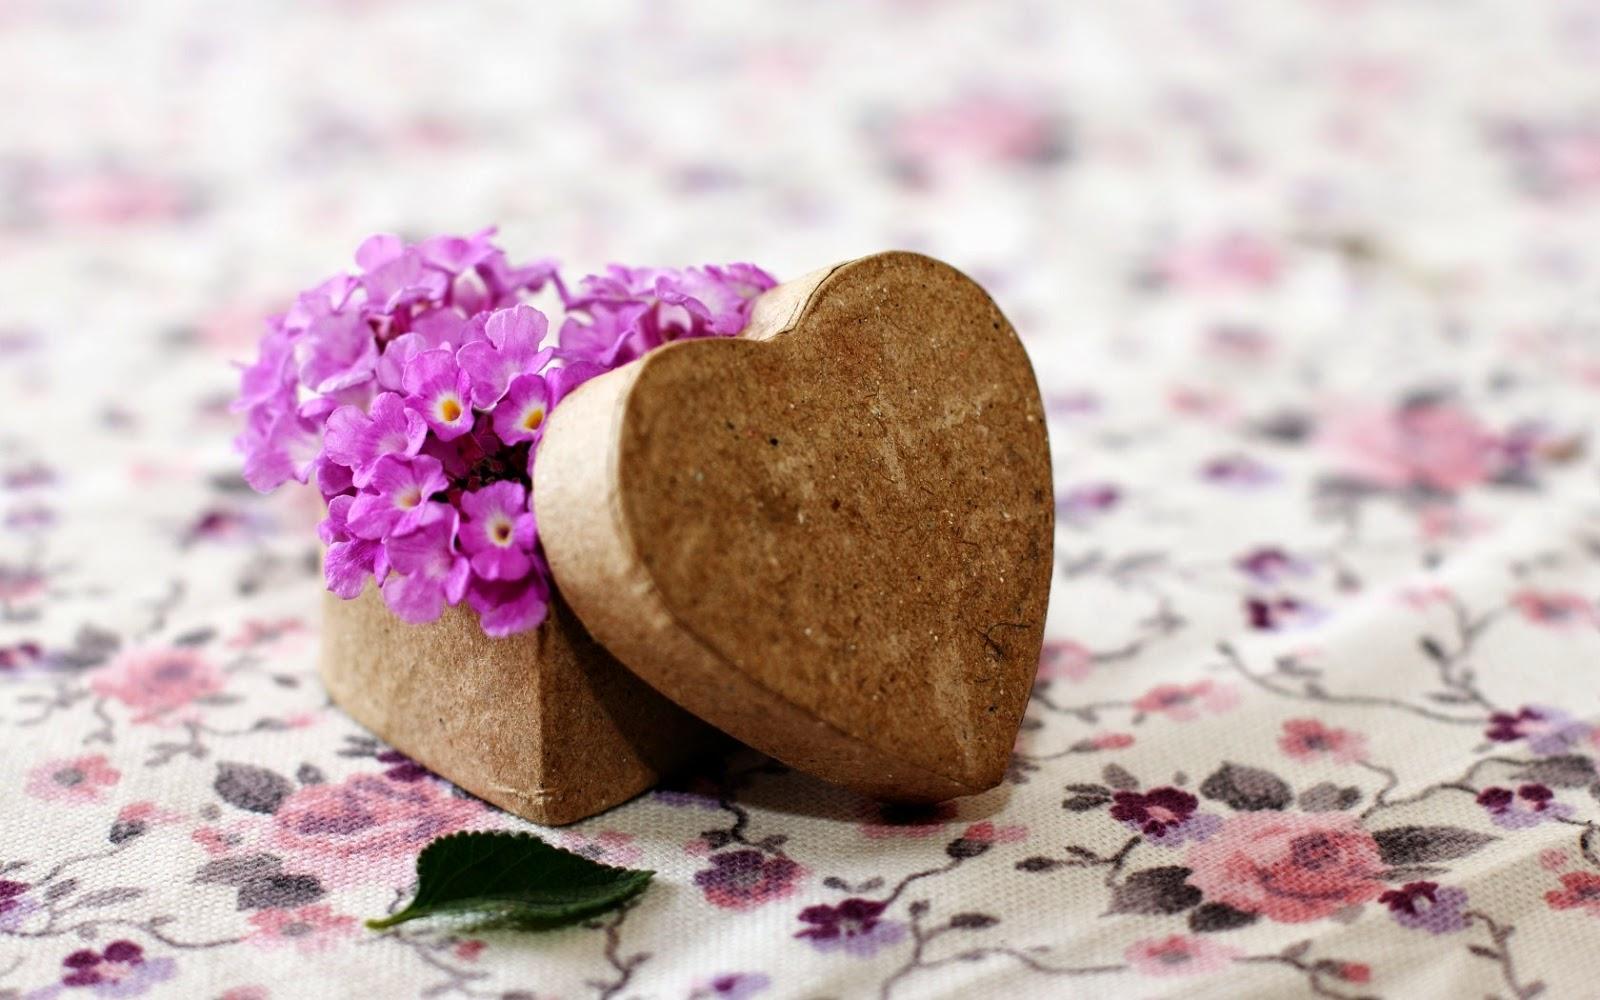 بالصور صور قلوب حب , رمزيات معبرة عن الحب 4887 12